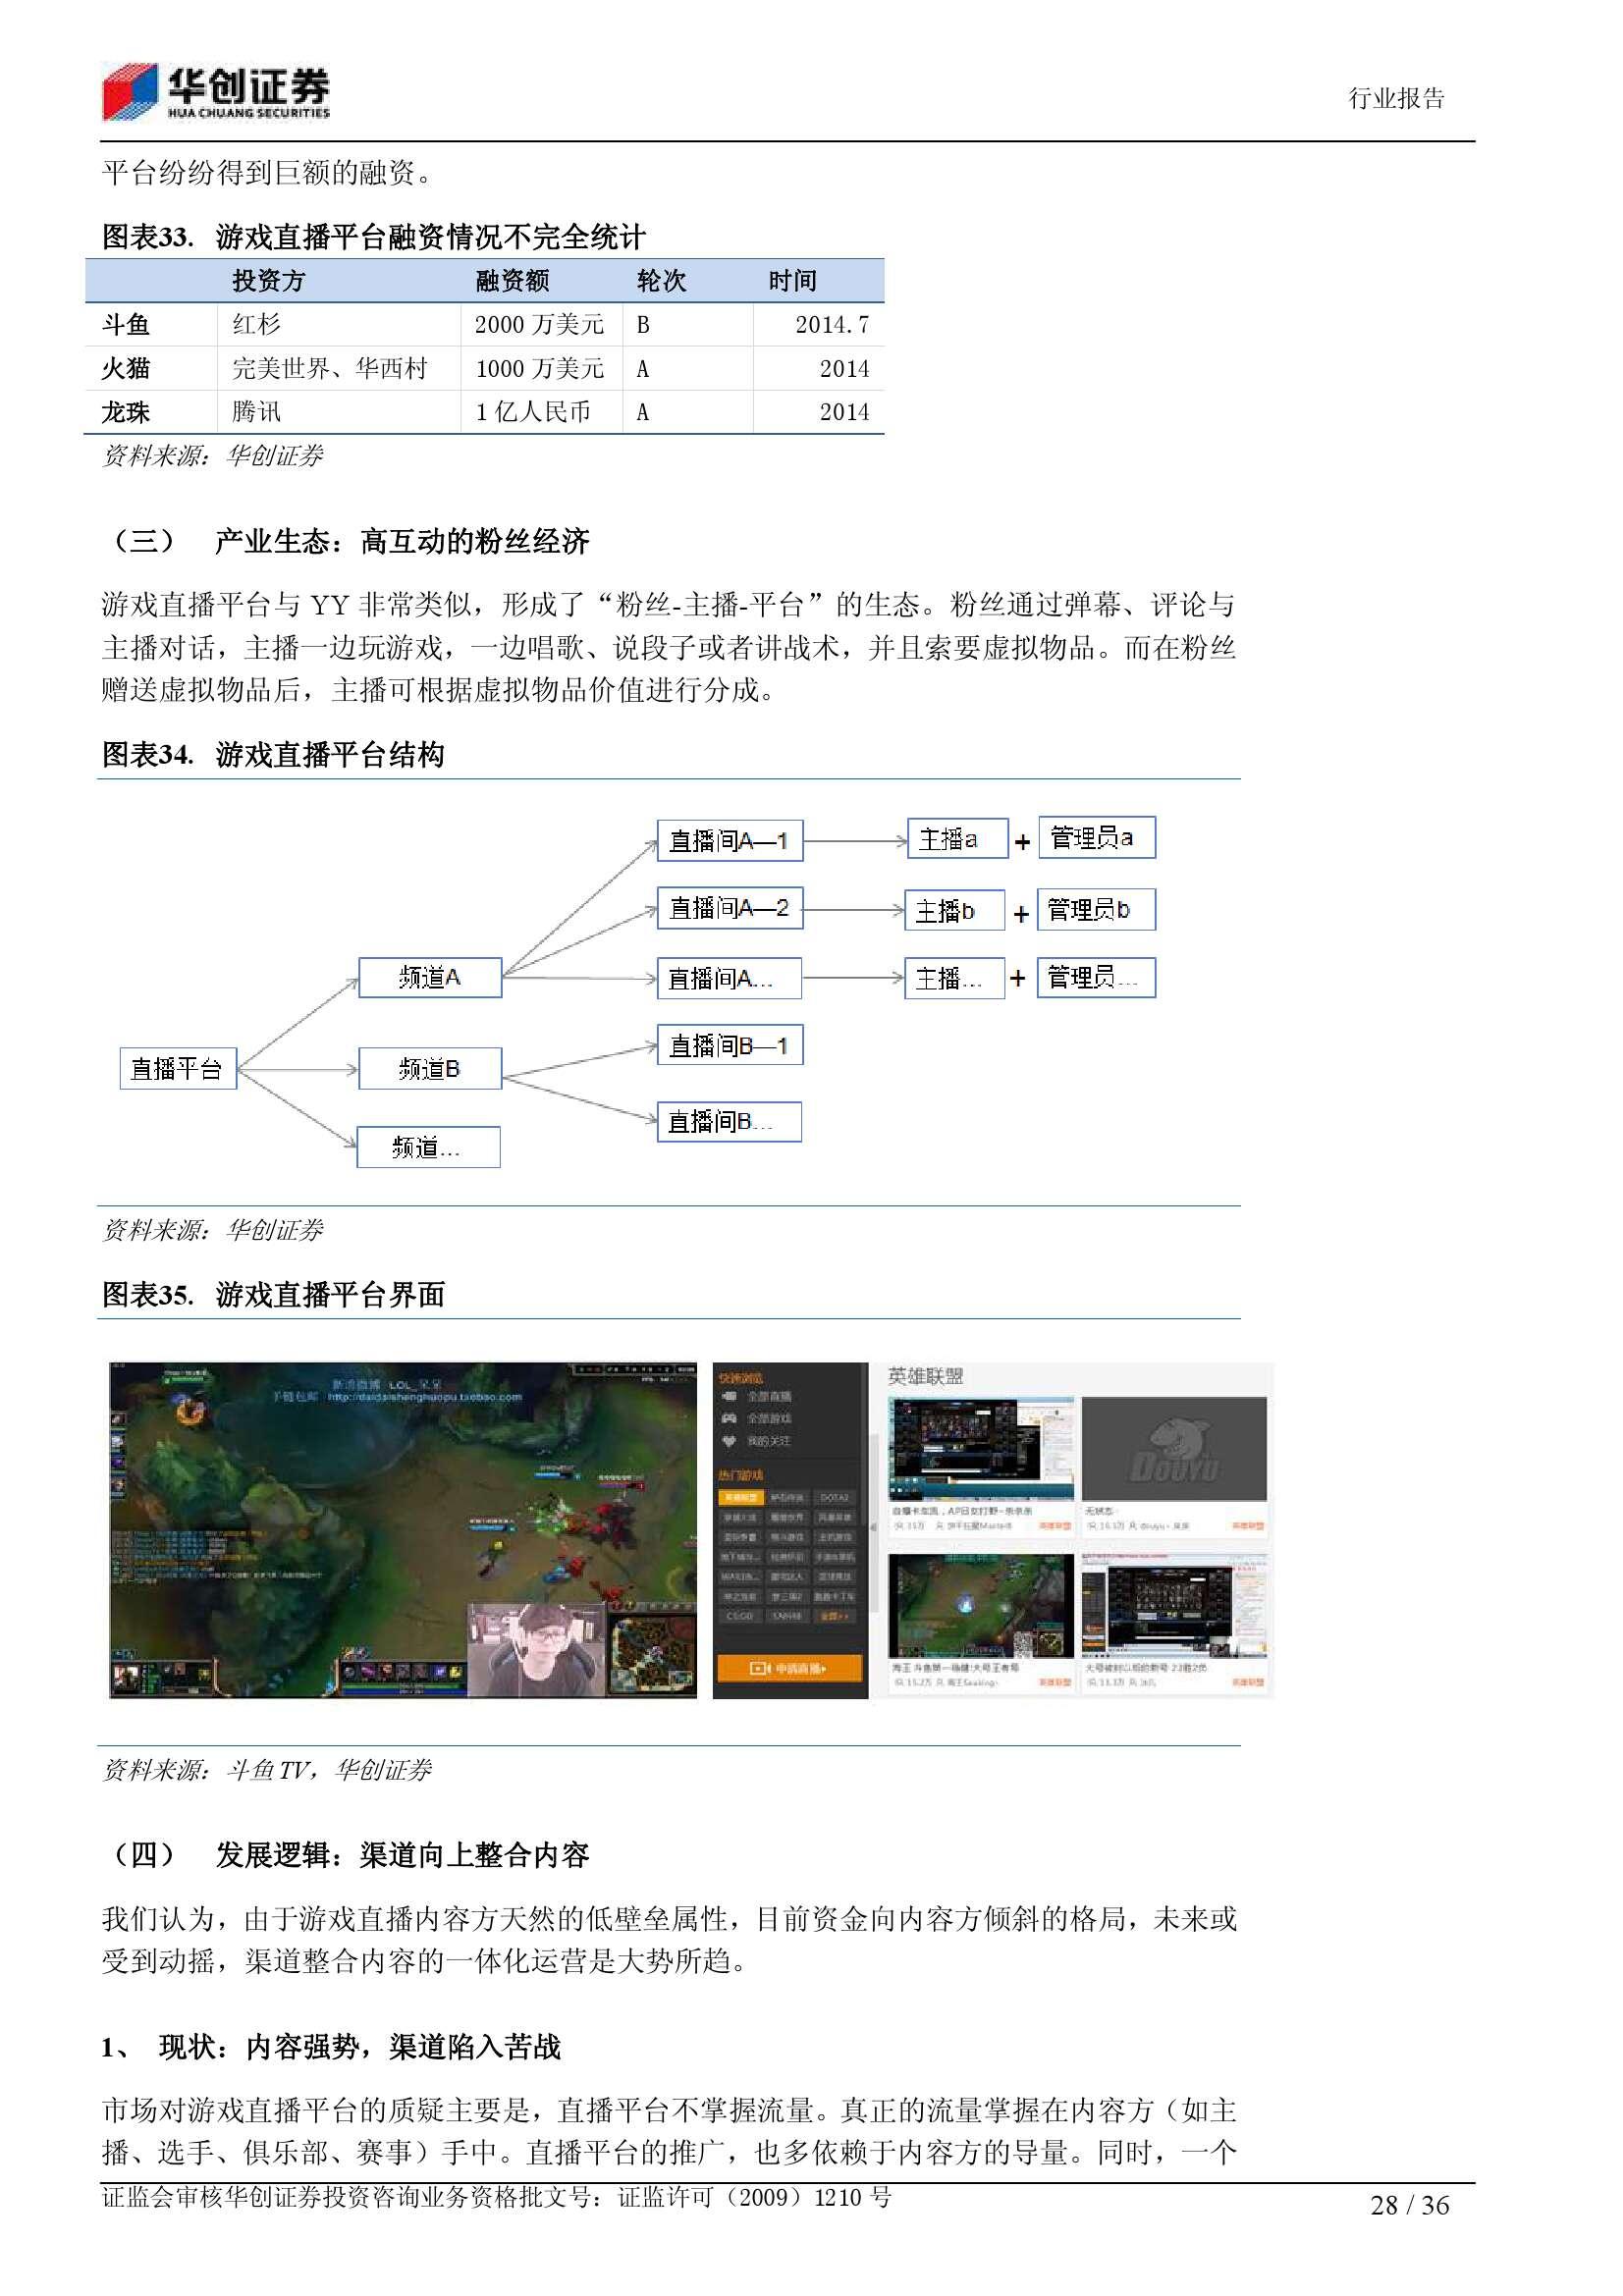 电子竞技深度报告:从小众娱乐 到千亿产业_000028